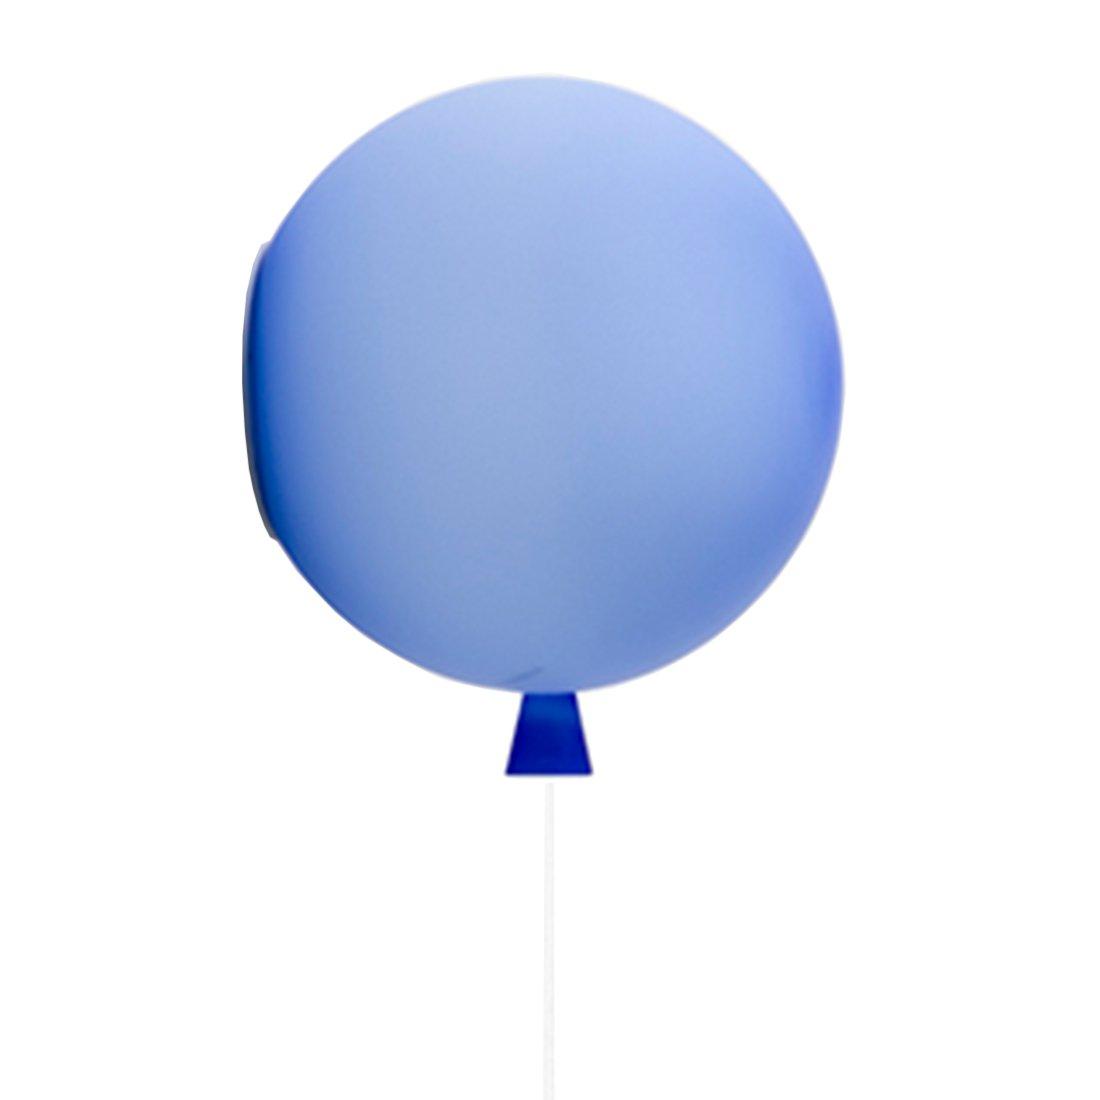 Brokis Memory Wandlamp Medium Mat Blauw